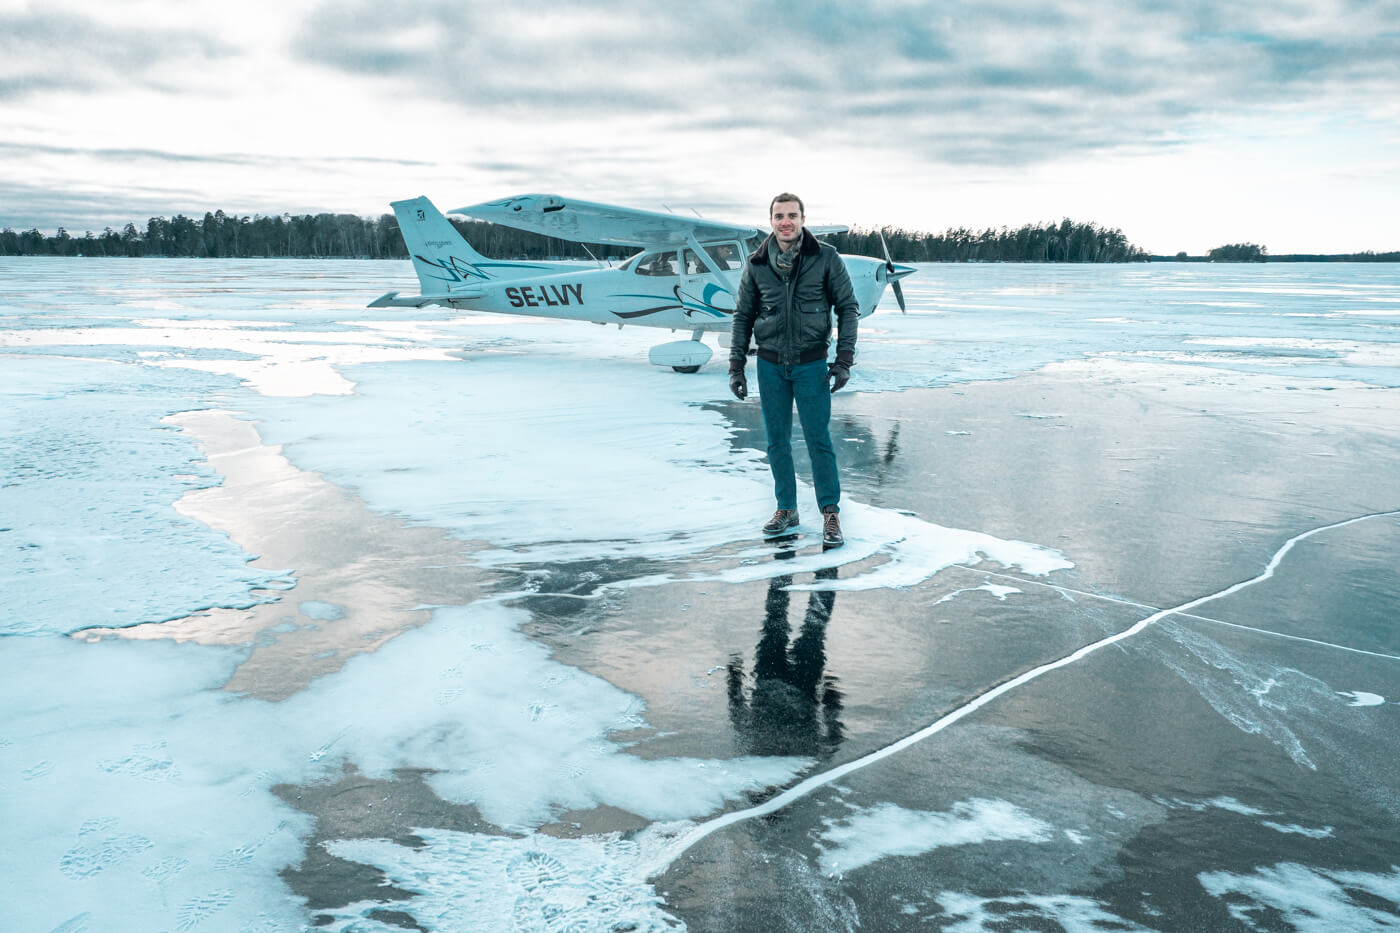 lądowanie na lodzie samolotem